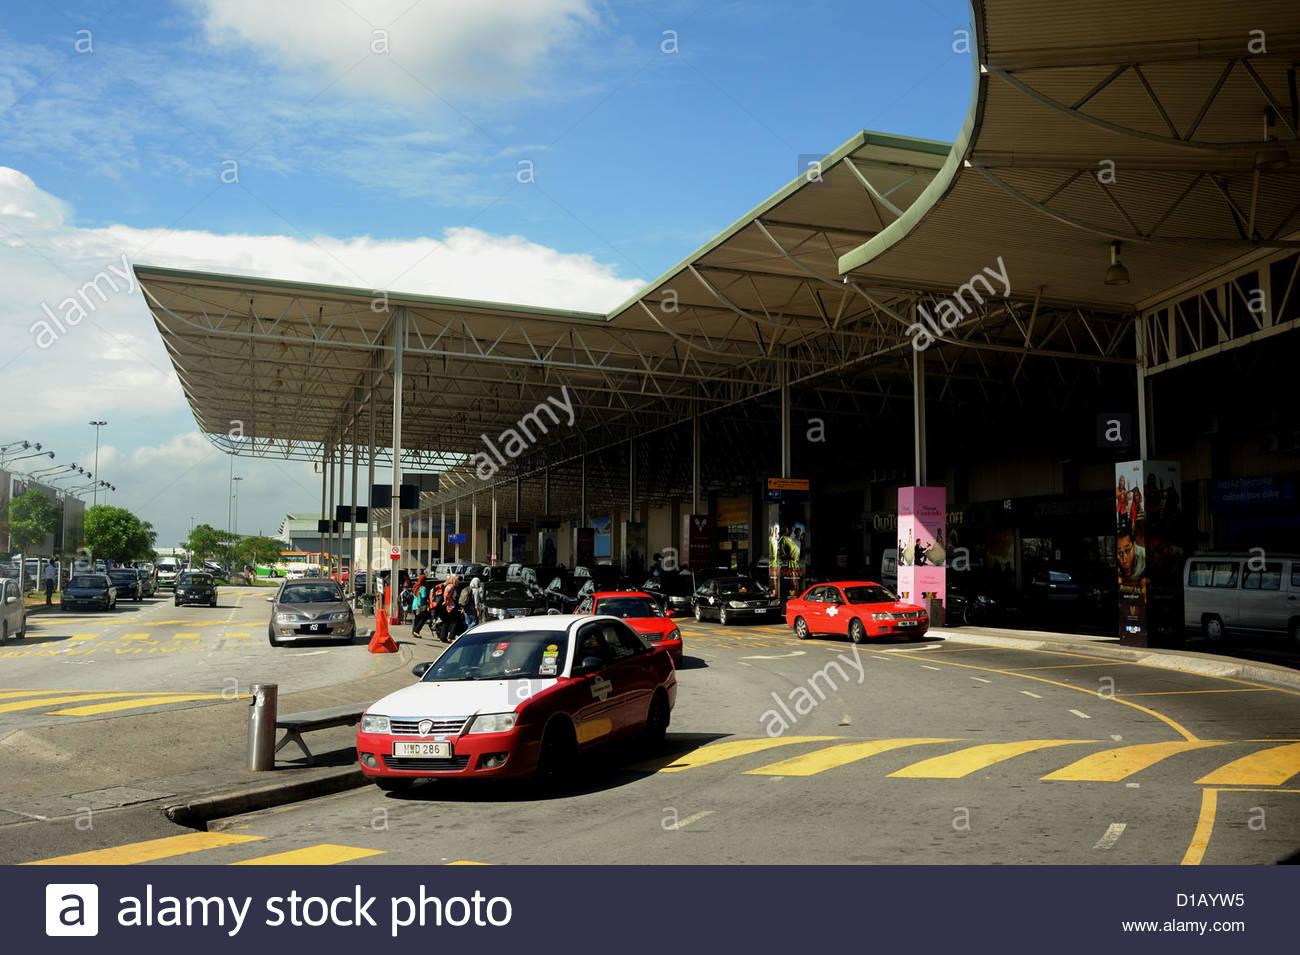 Kuala Lumpur LCCT Malaysia i vettori low cost terminal presso l'aeroporto. Immagini Stock